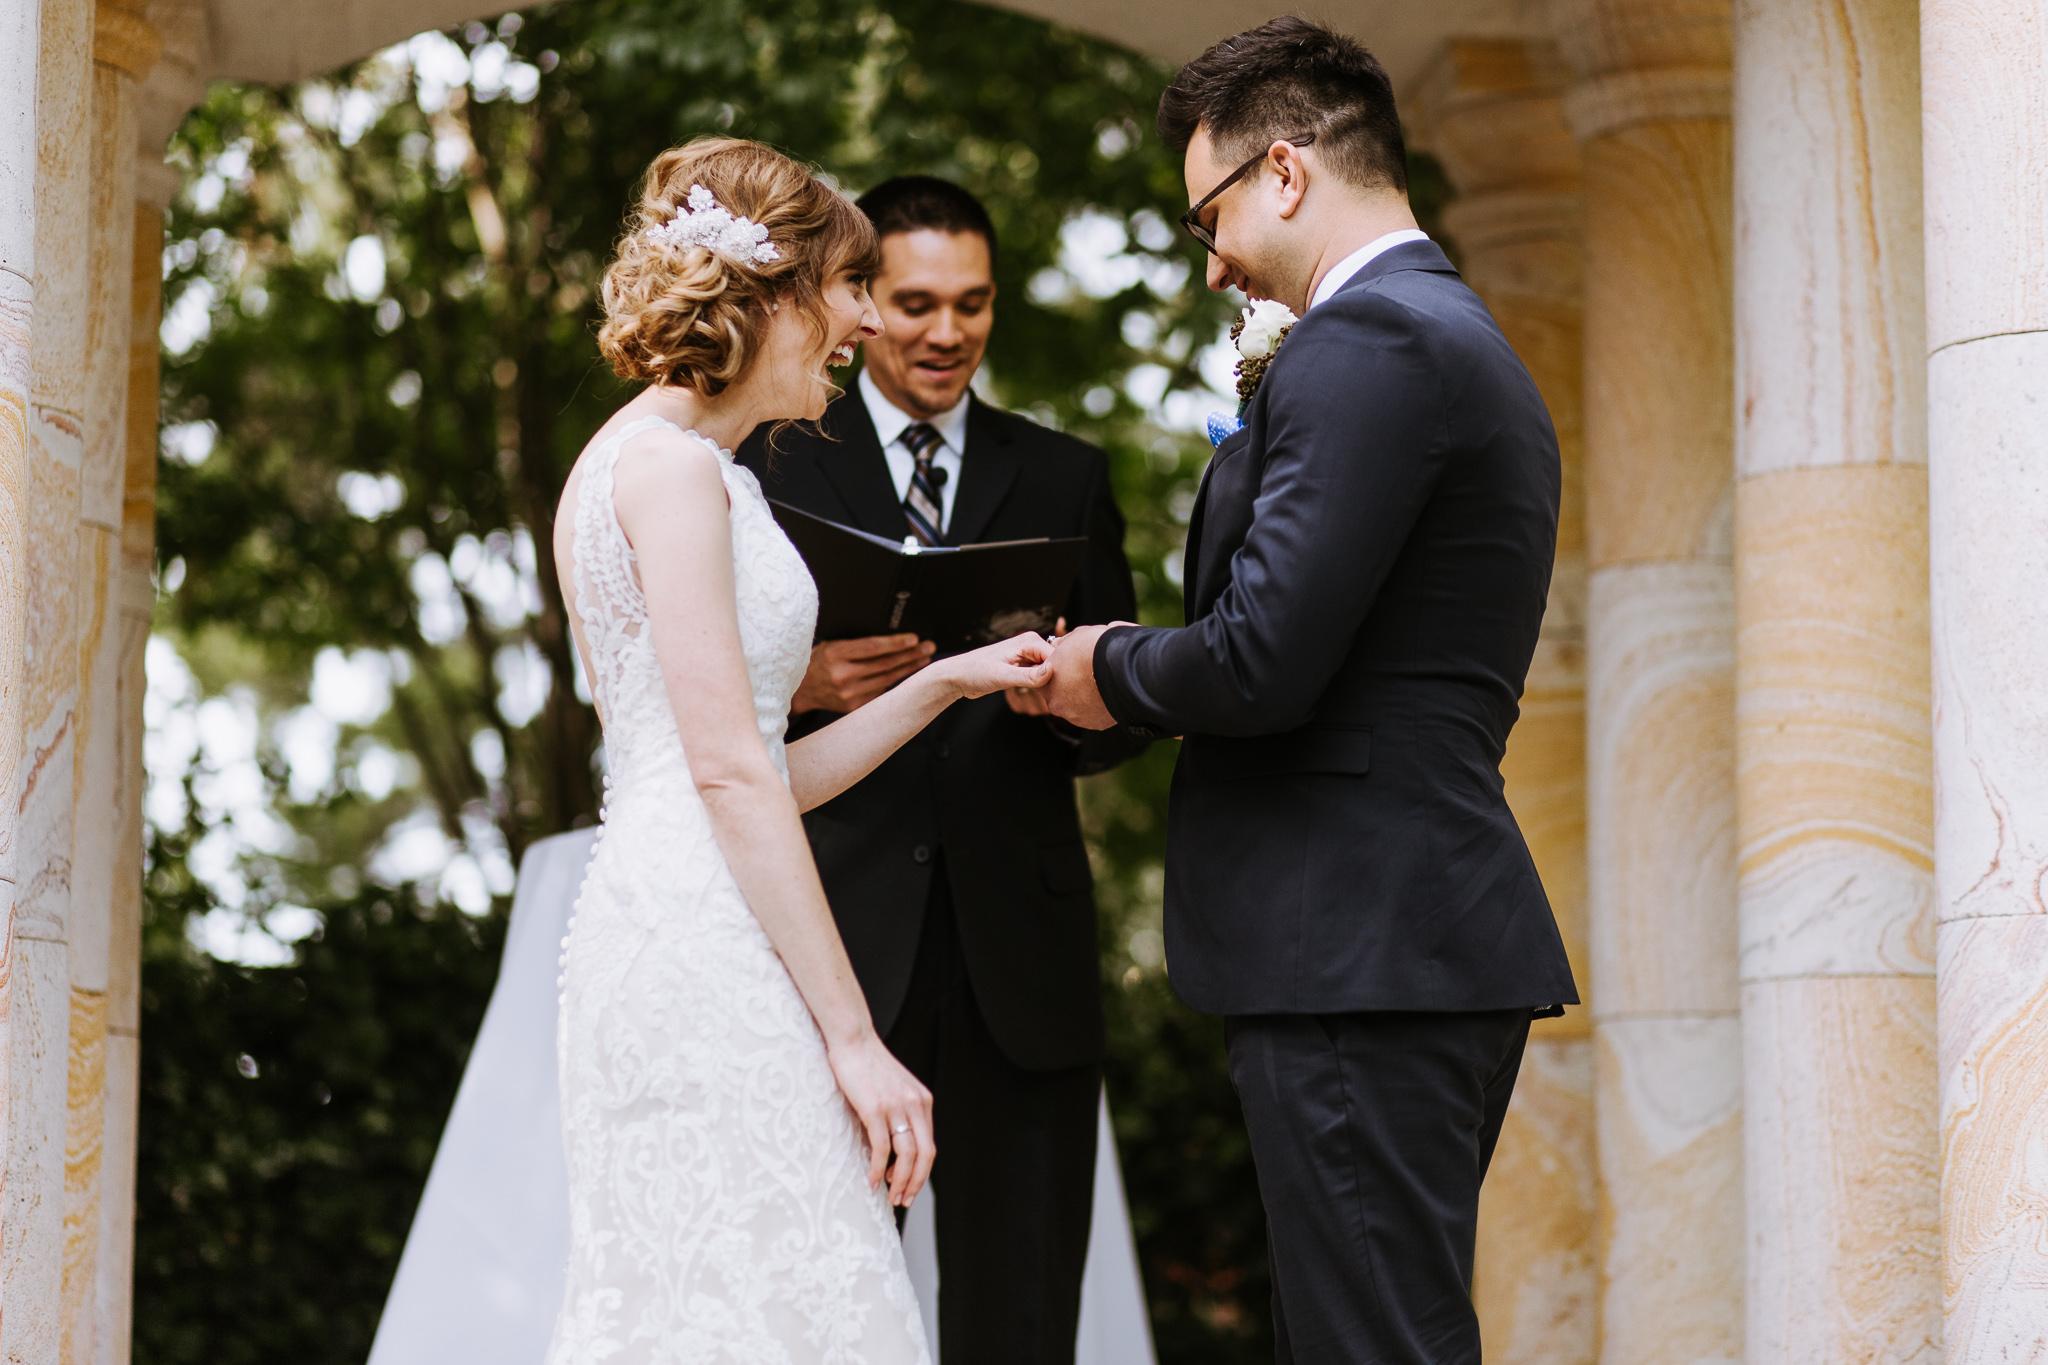 BayArea-Wedding-Photographer-44.jpg